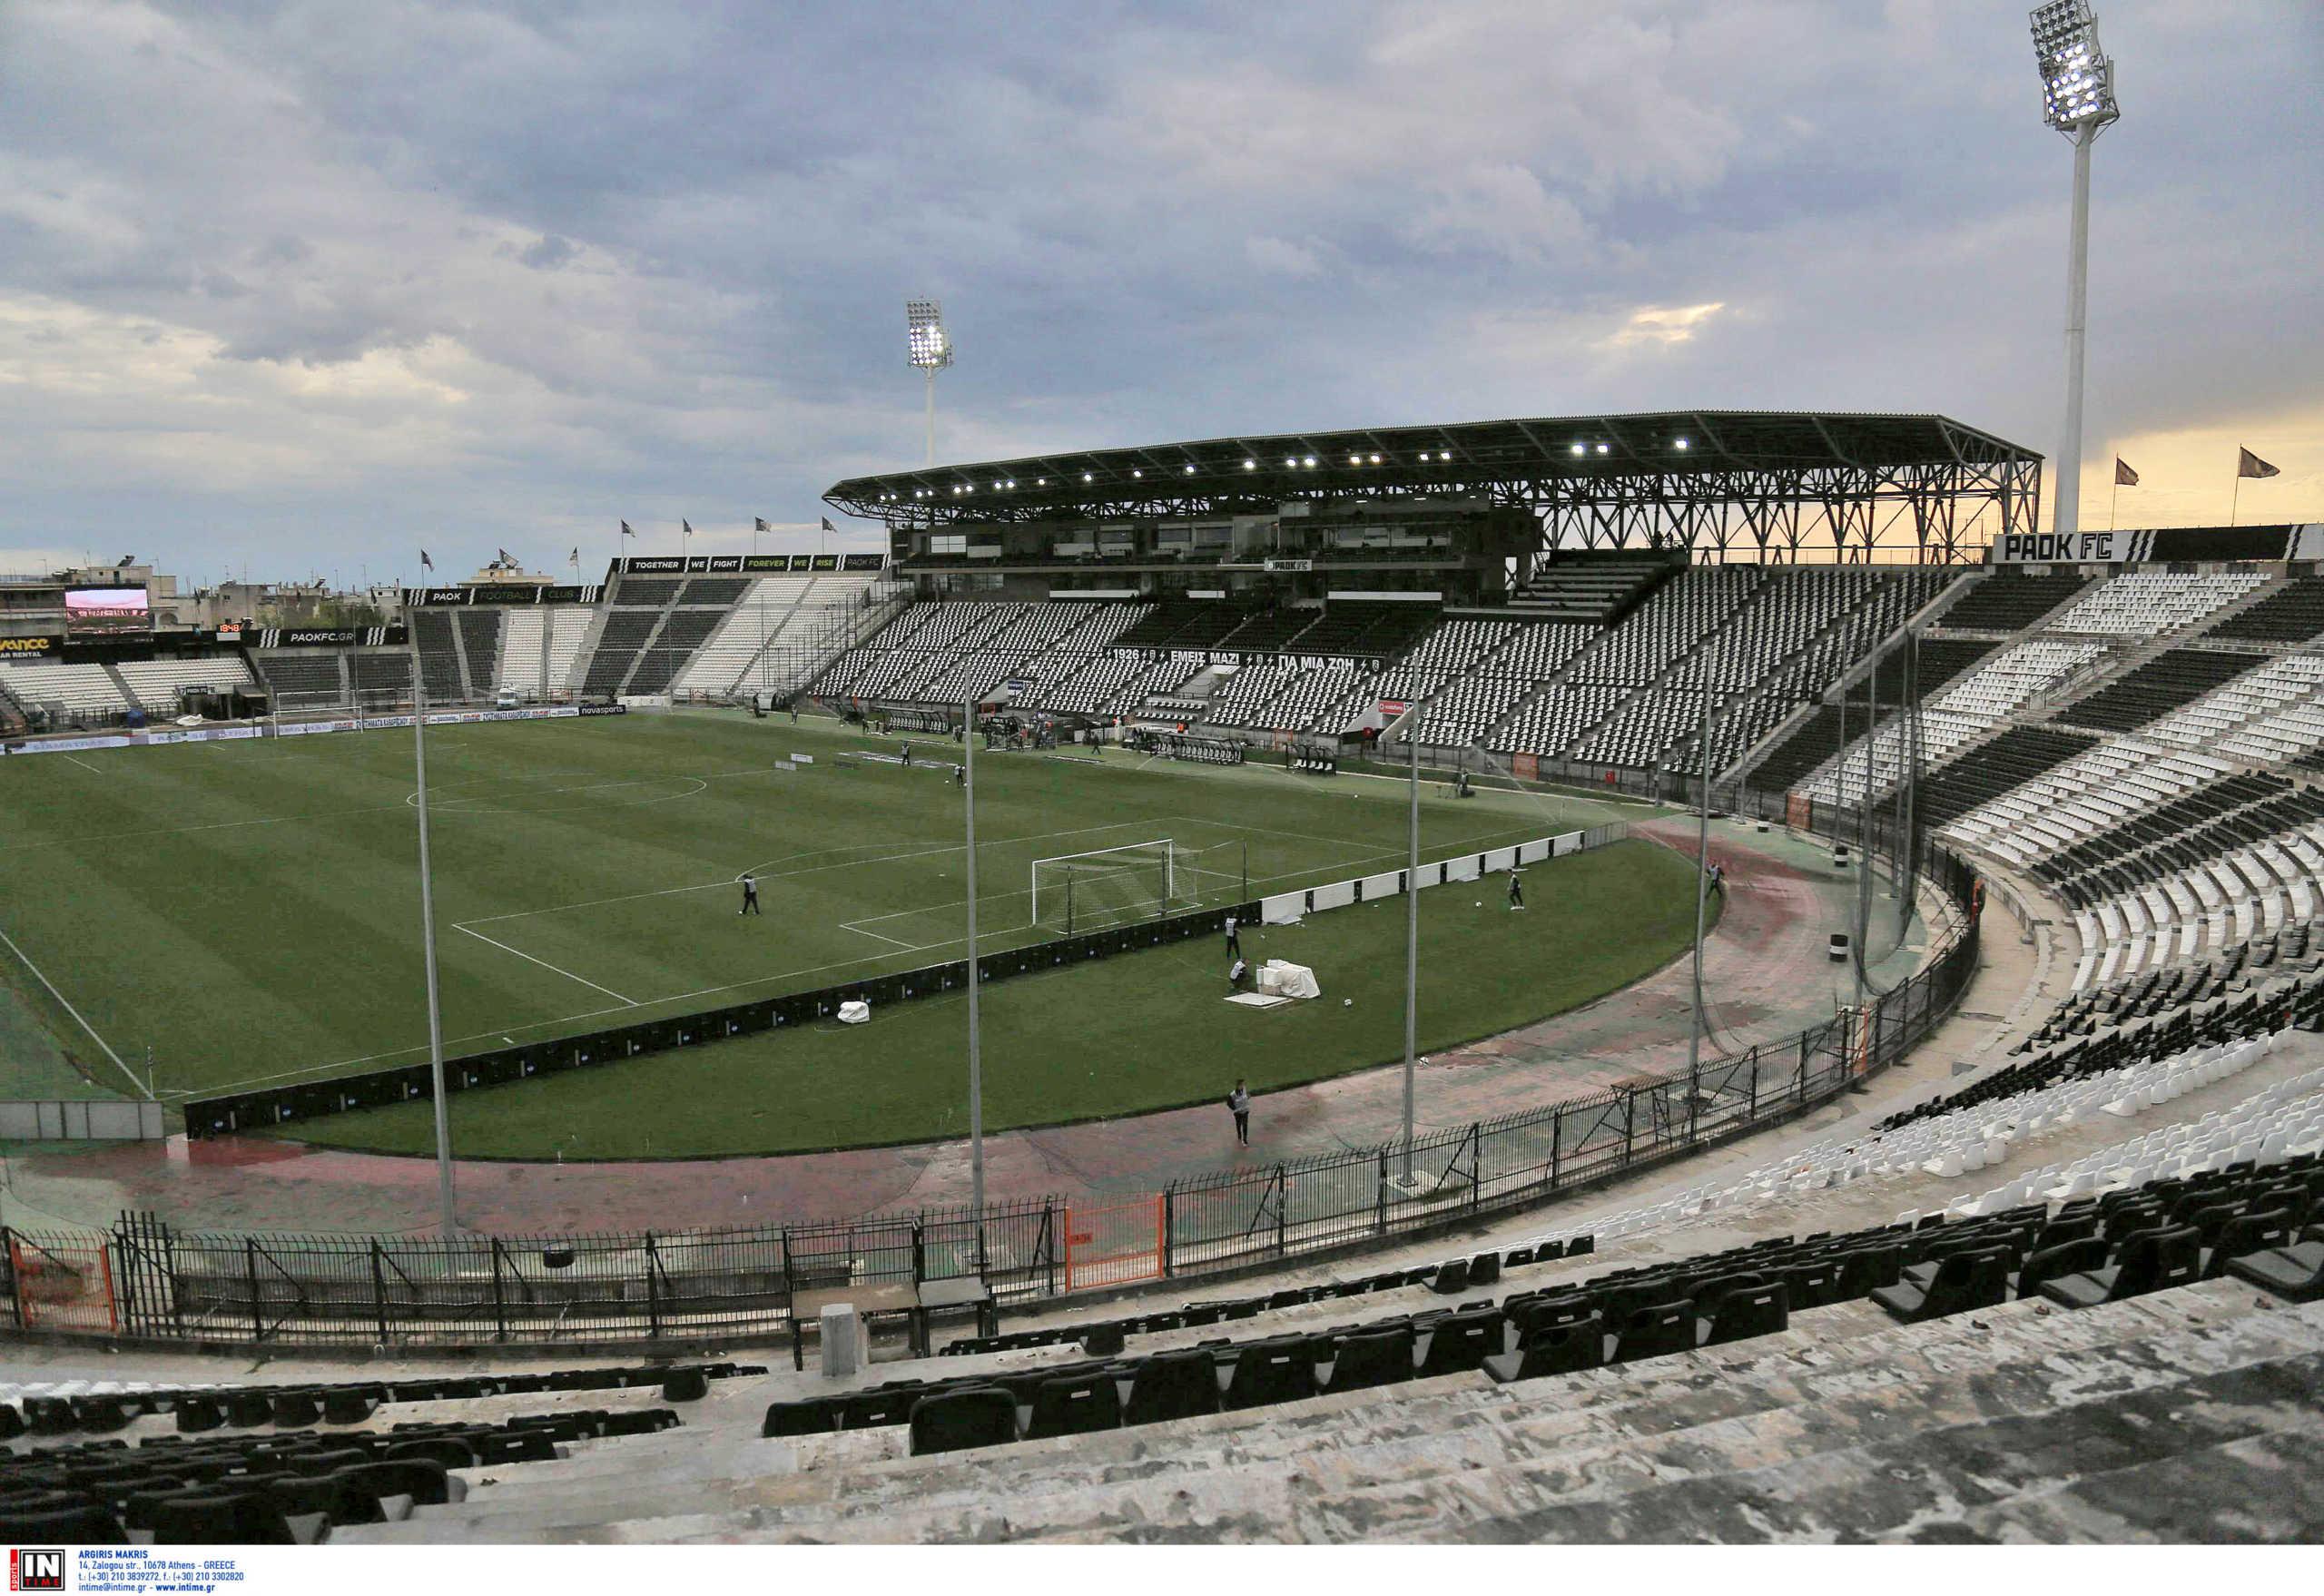 ΠΑΟΚ: Εντός του 2021 το προεδρικό διάταγμα για τη Νέα Τούμπα – Έτοιμο ως το 2026 το γήπεδο